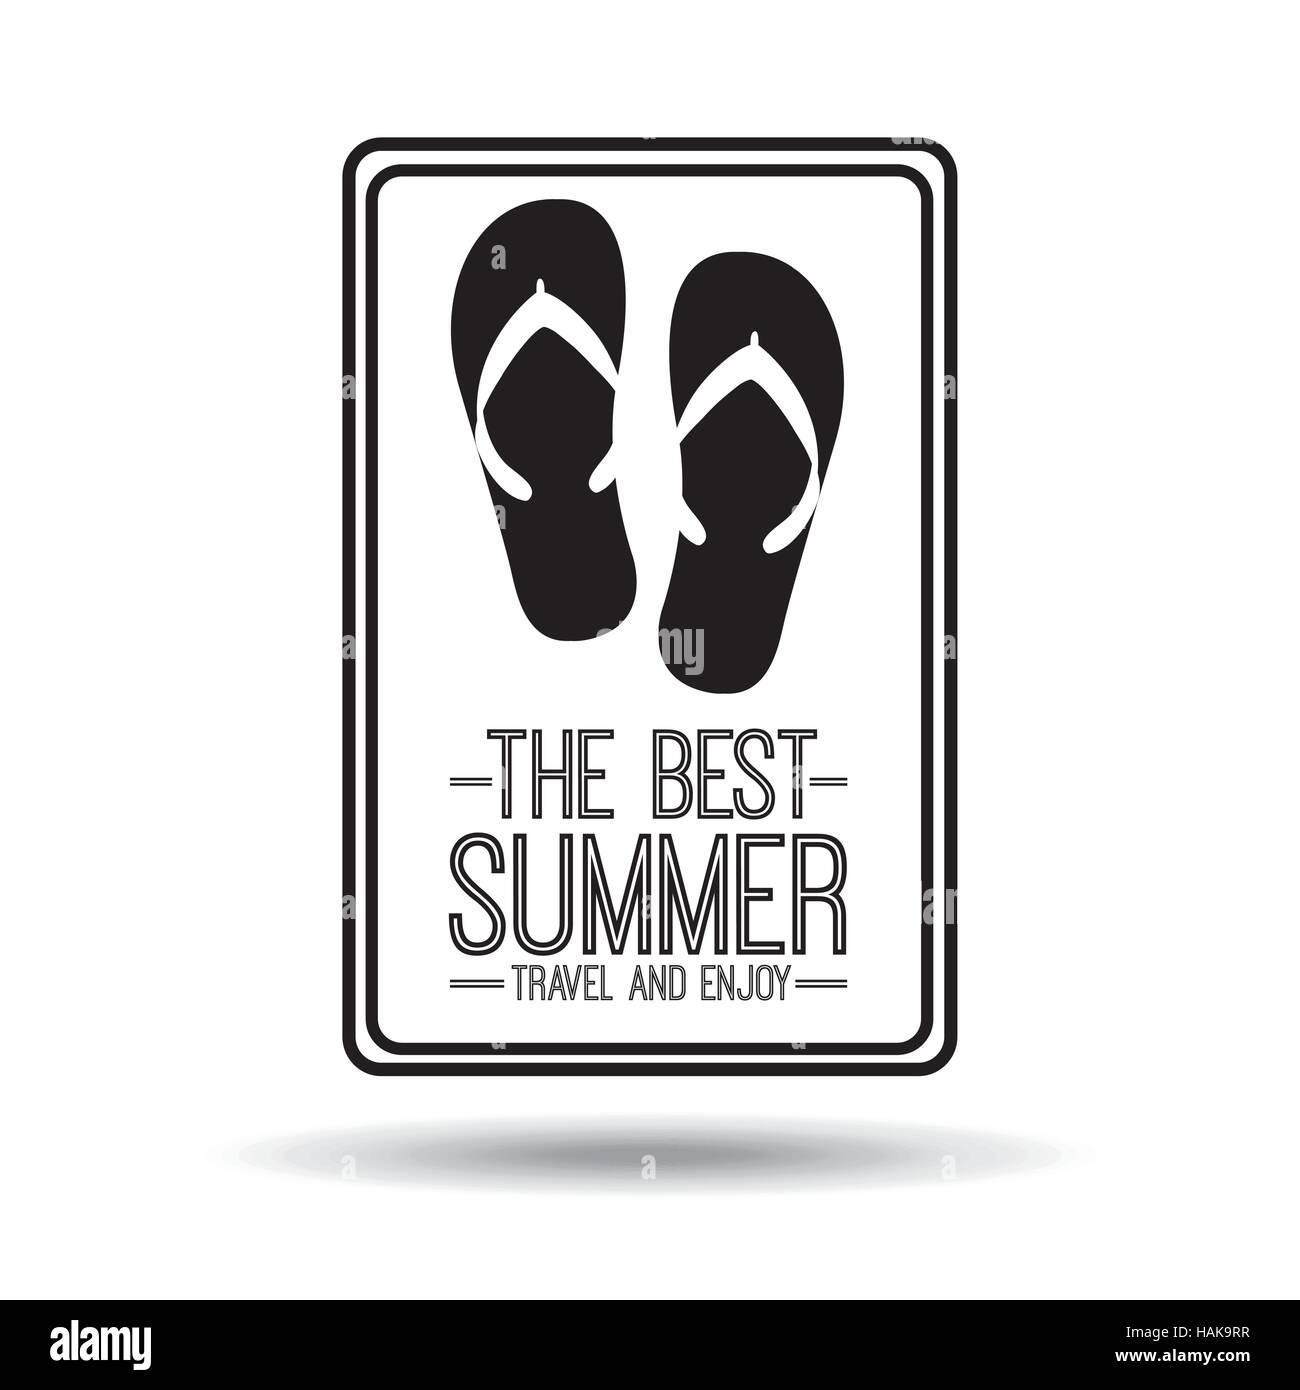 flops karte Flip Flops Karte am besten Sommer Reisen und genießen Sie Vektor